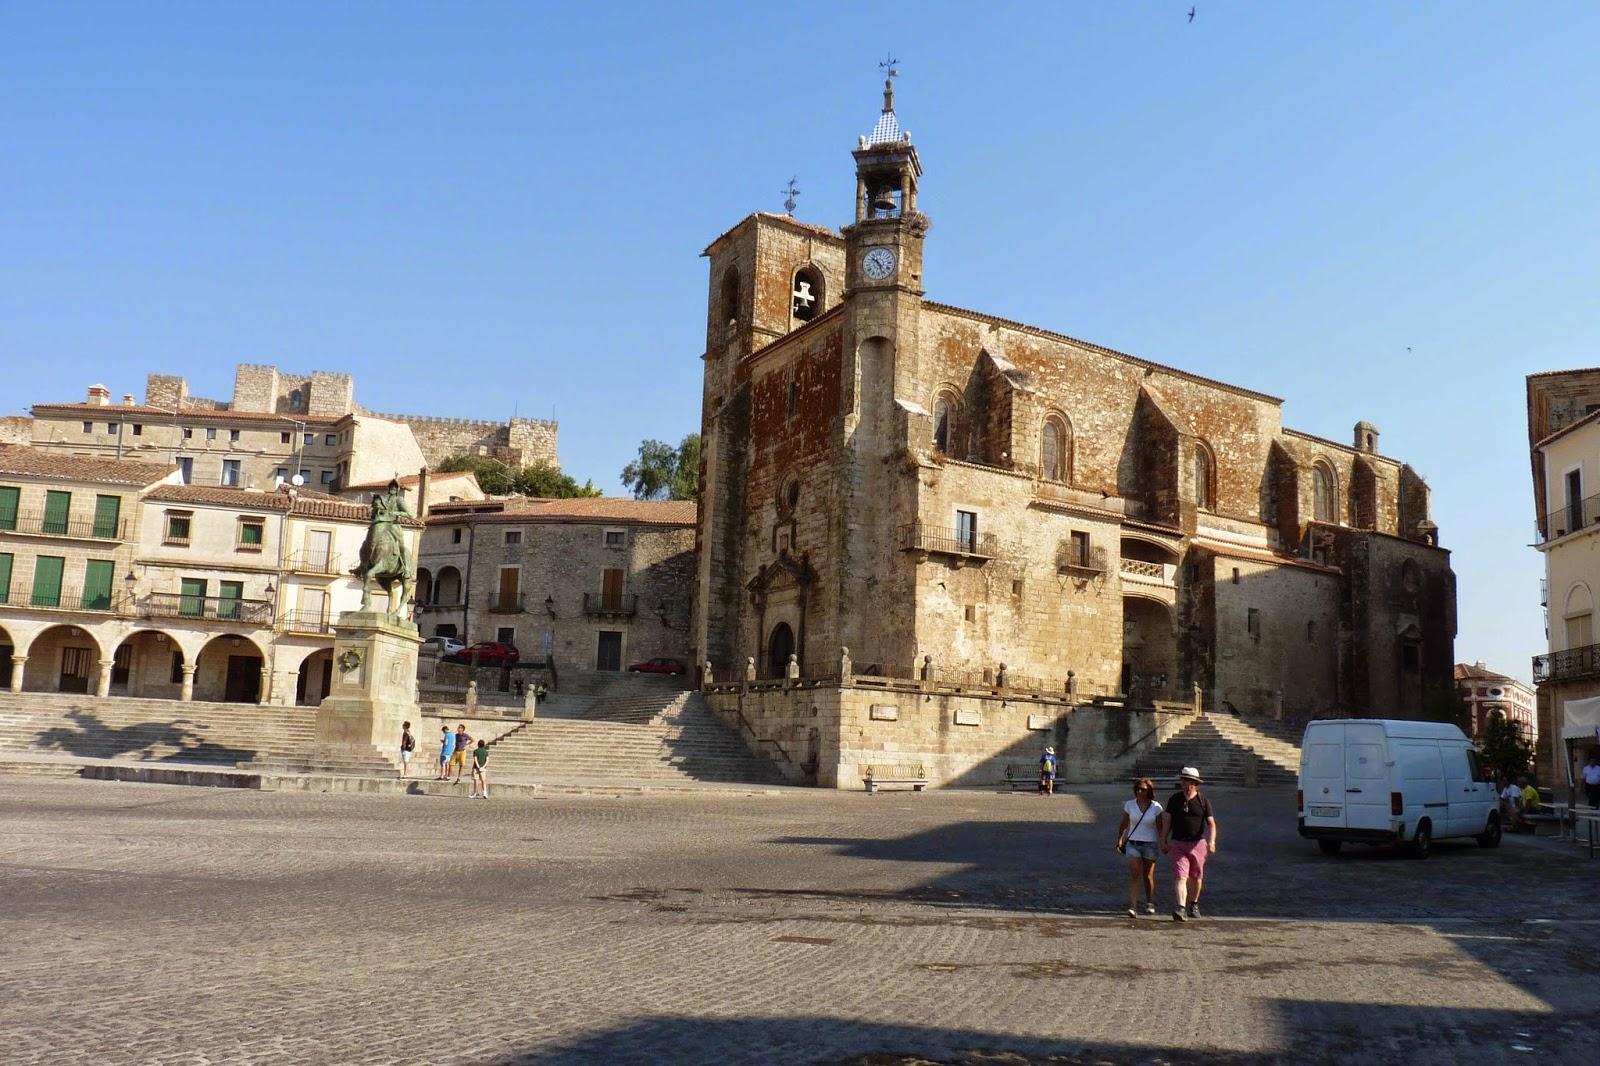 Iglesia de San Martín de Tours de la Plaza Mayor de Trujillo.